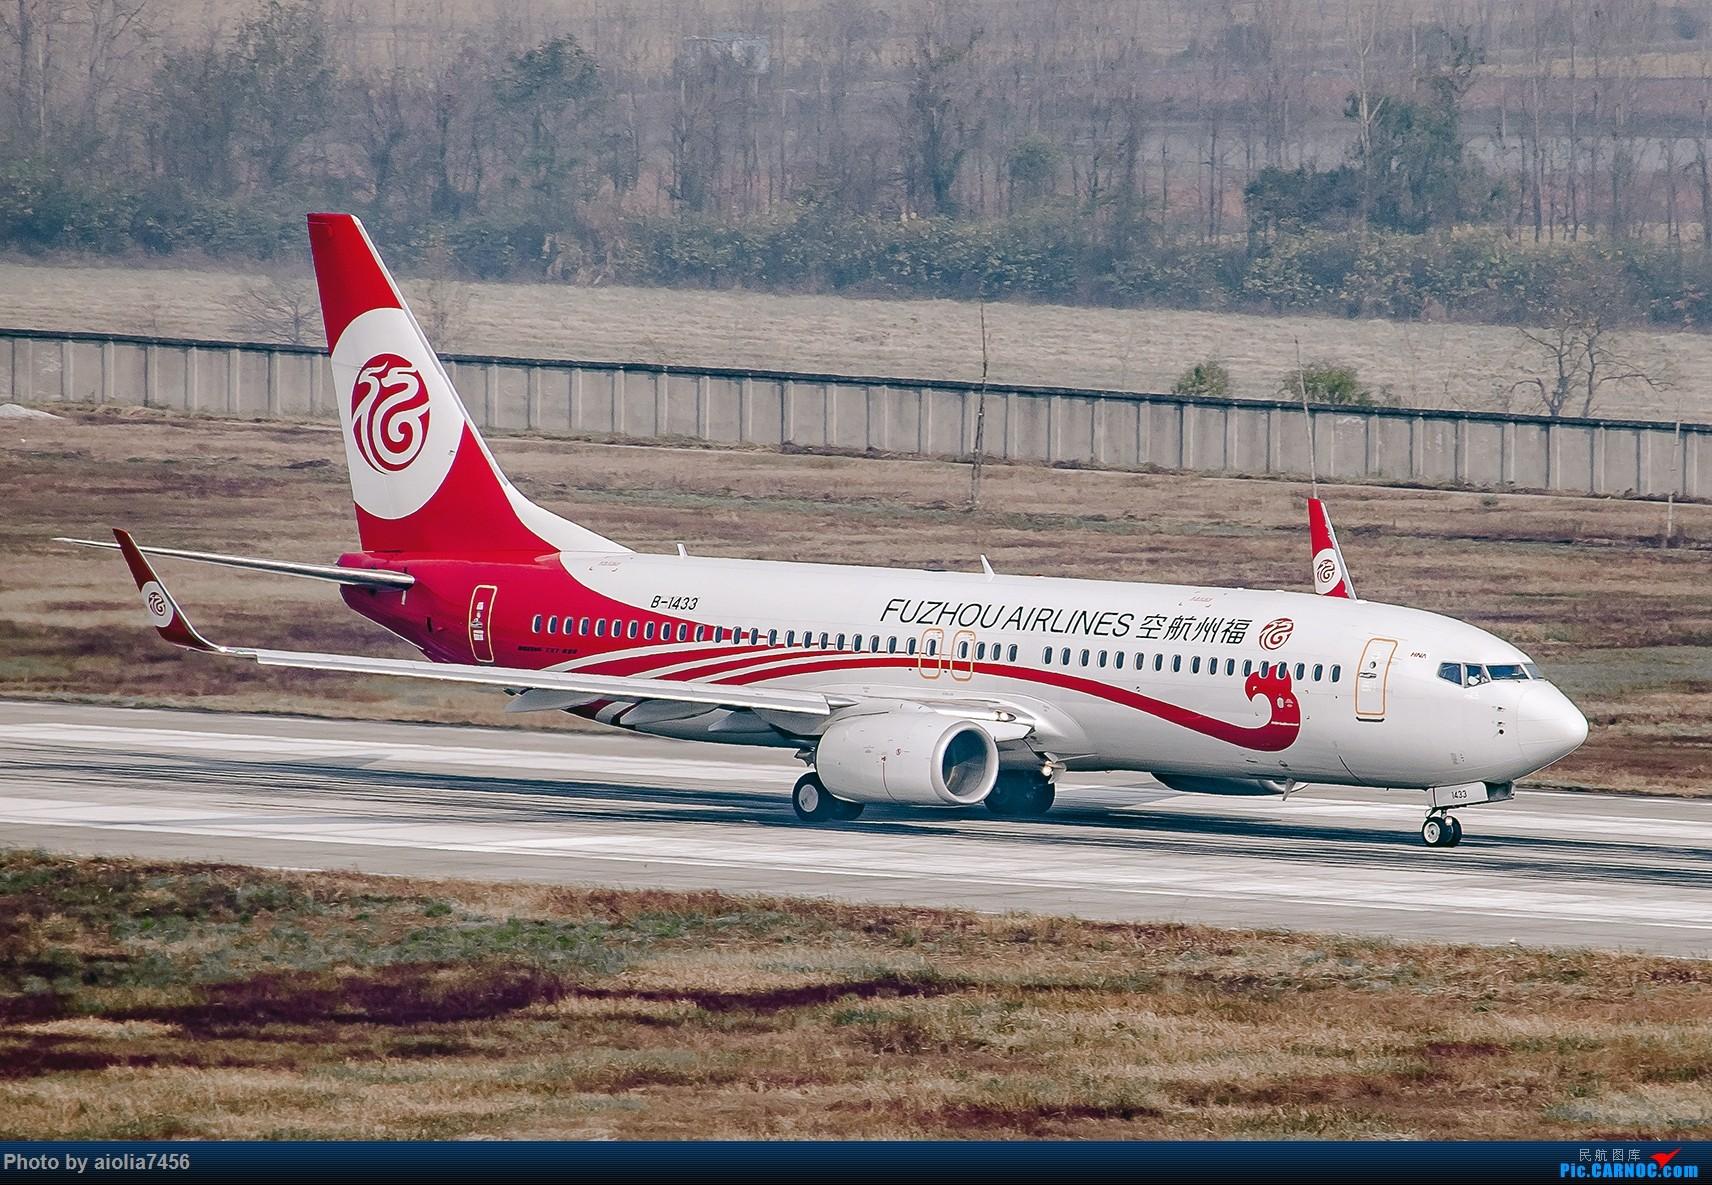 Re:[原创]【霸都打机队】换了机器后的第一帖-安徽小机场之旅 BOEING 737-800 B-1433 中国池州九华山机场